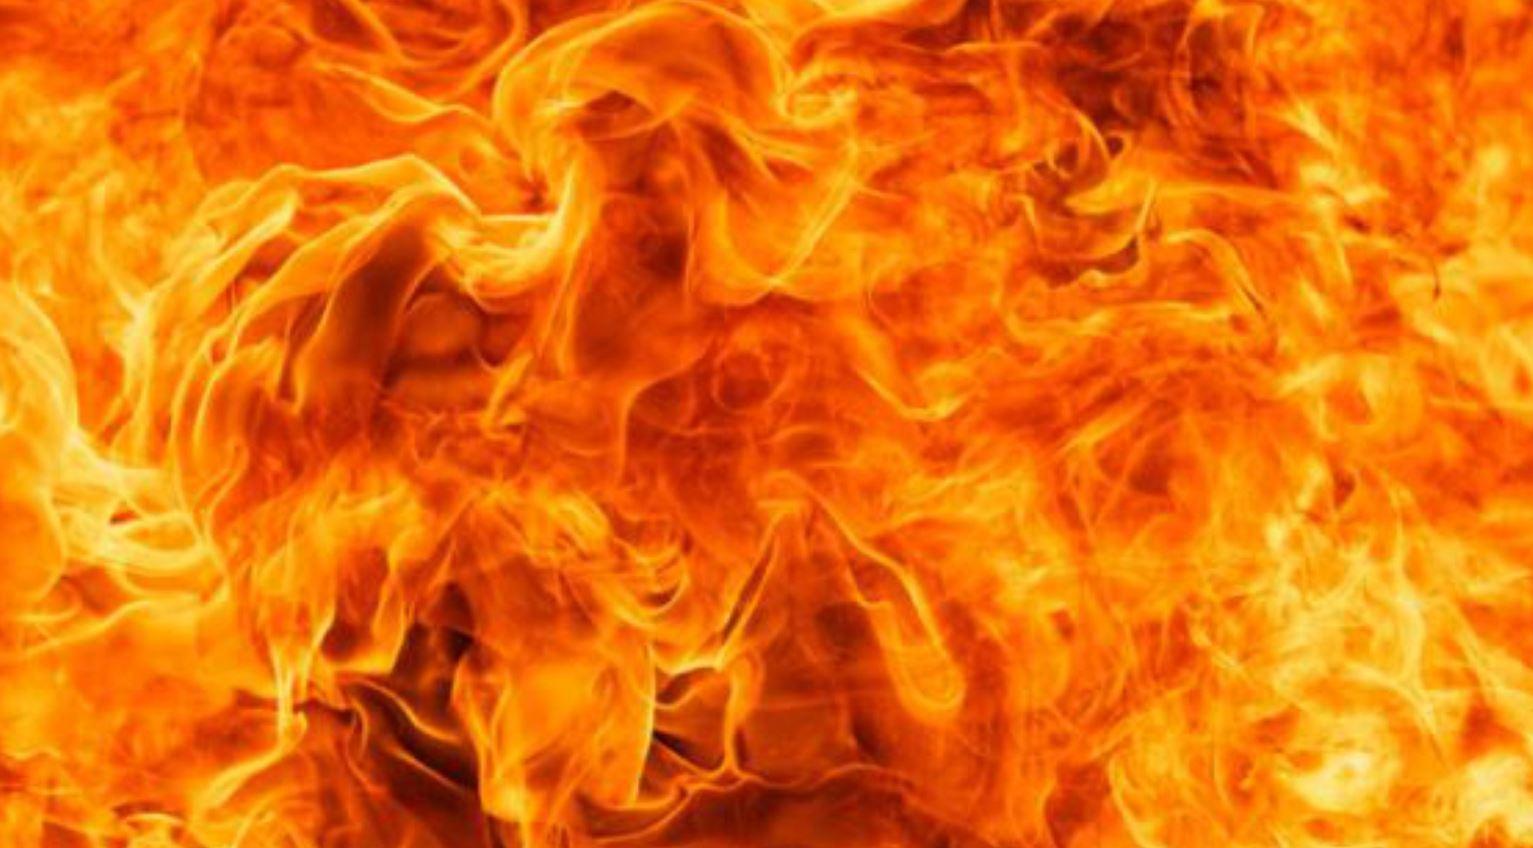 fire_1559168953910.JPG